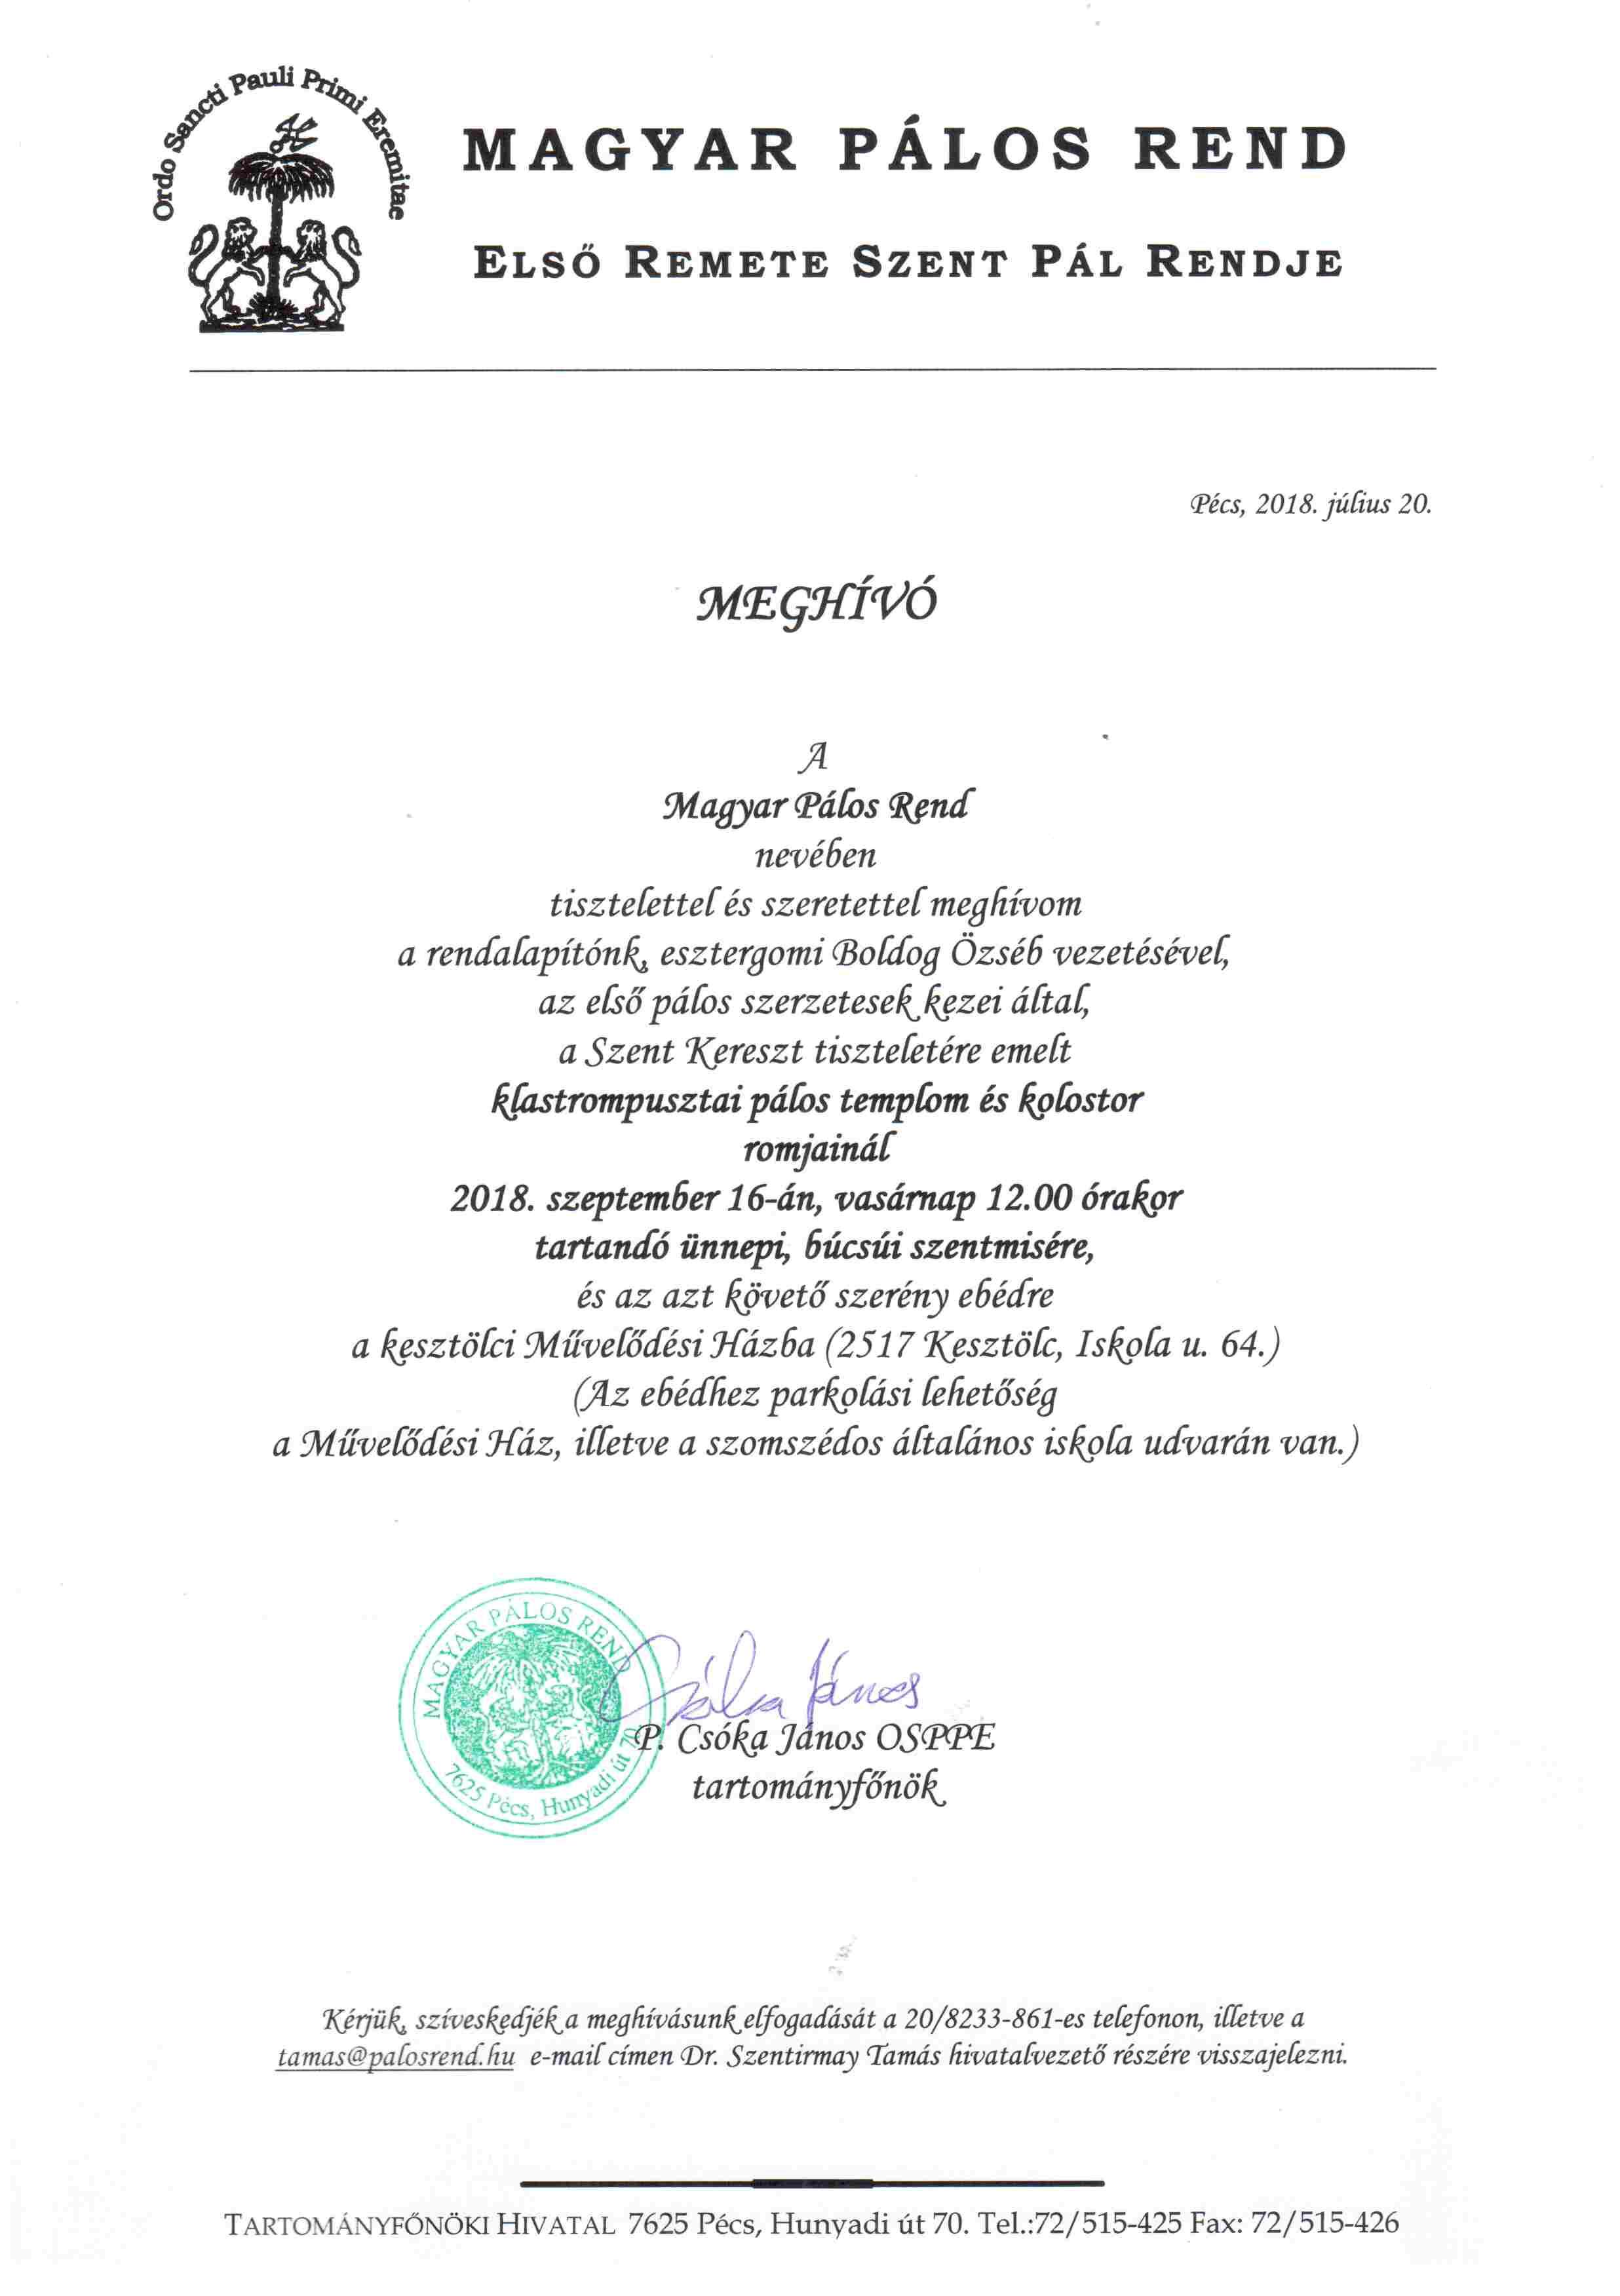 Meghívó 2018. szeptember 16-án Klastrompusztára